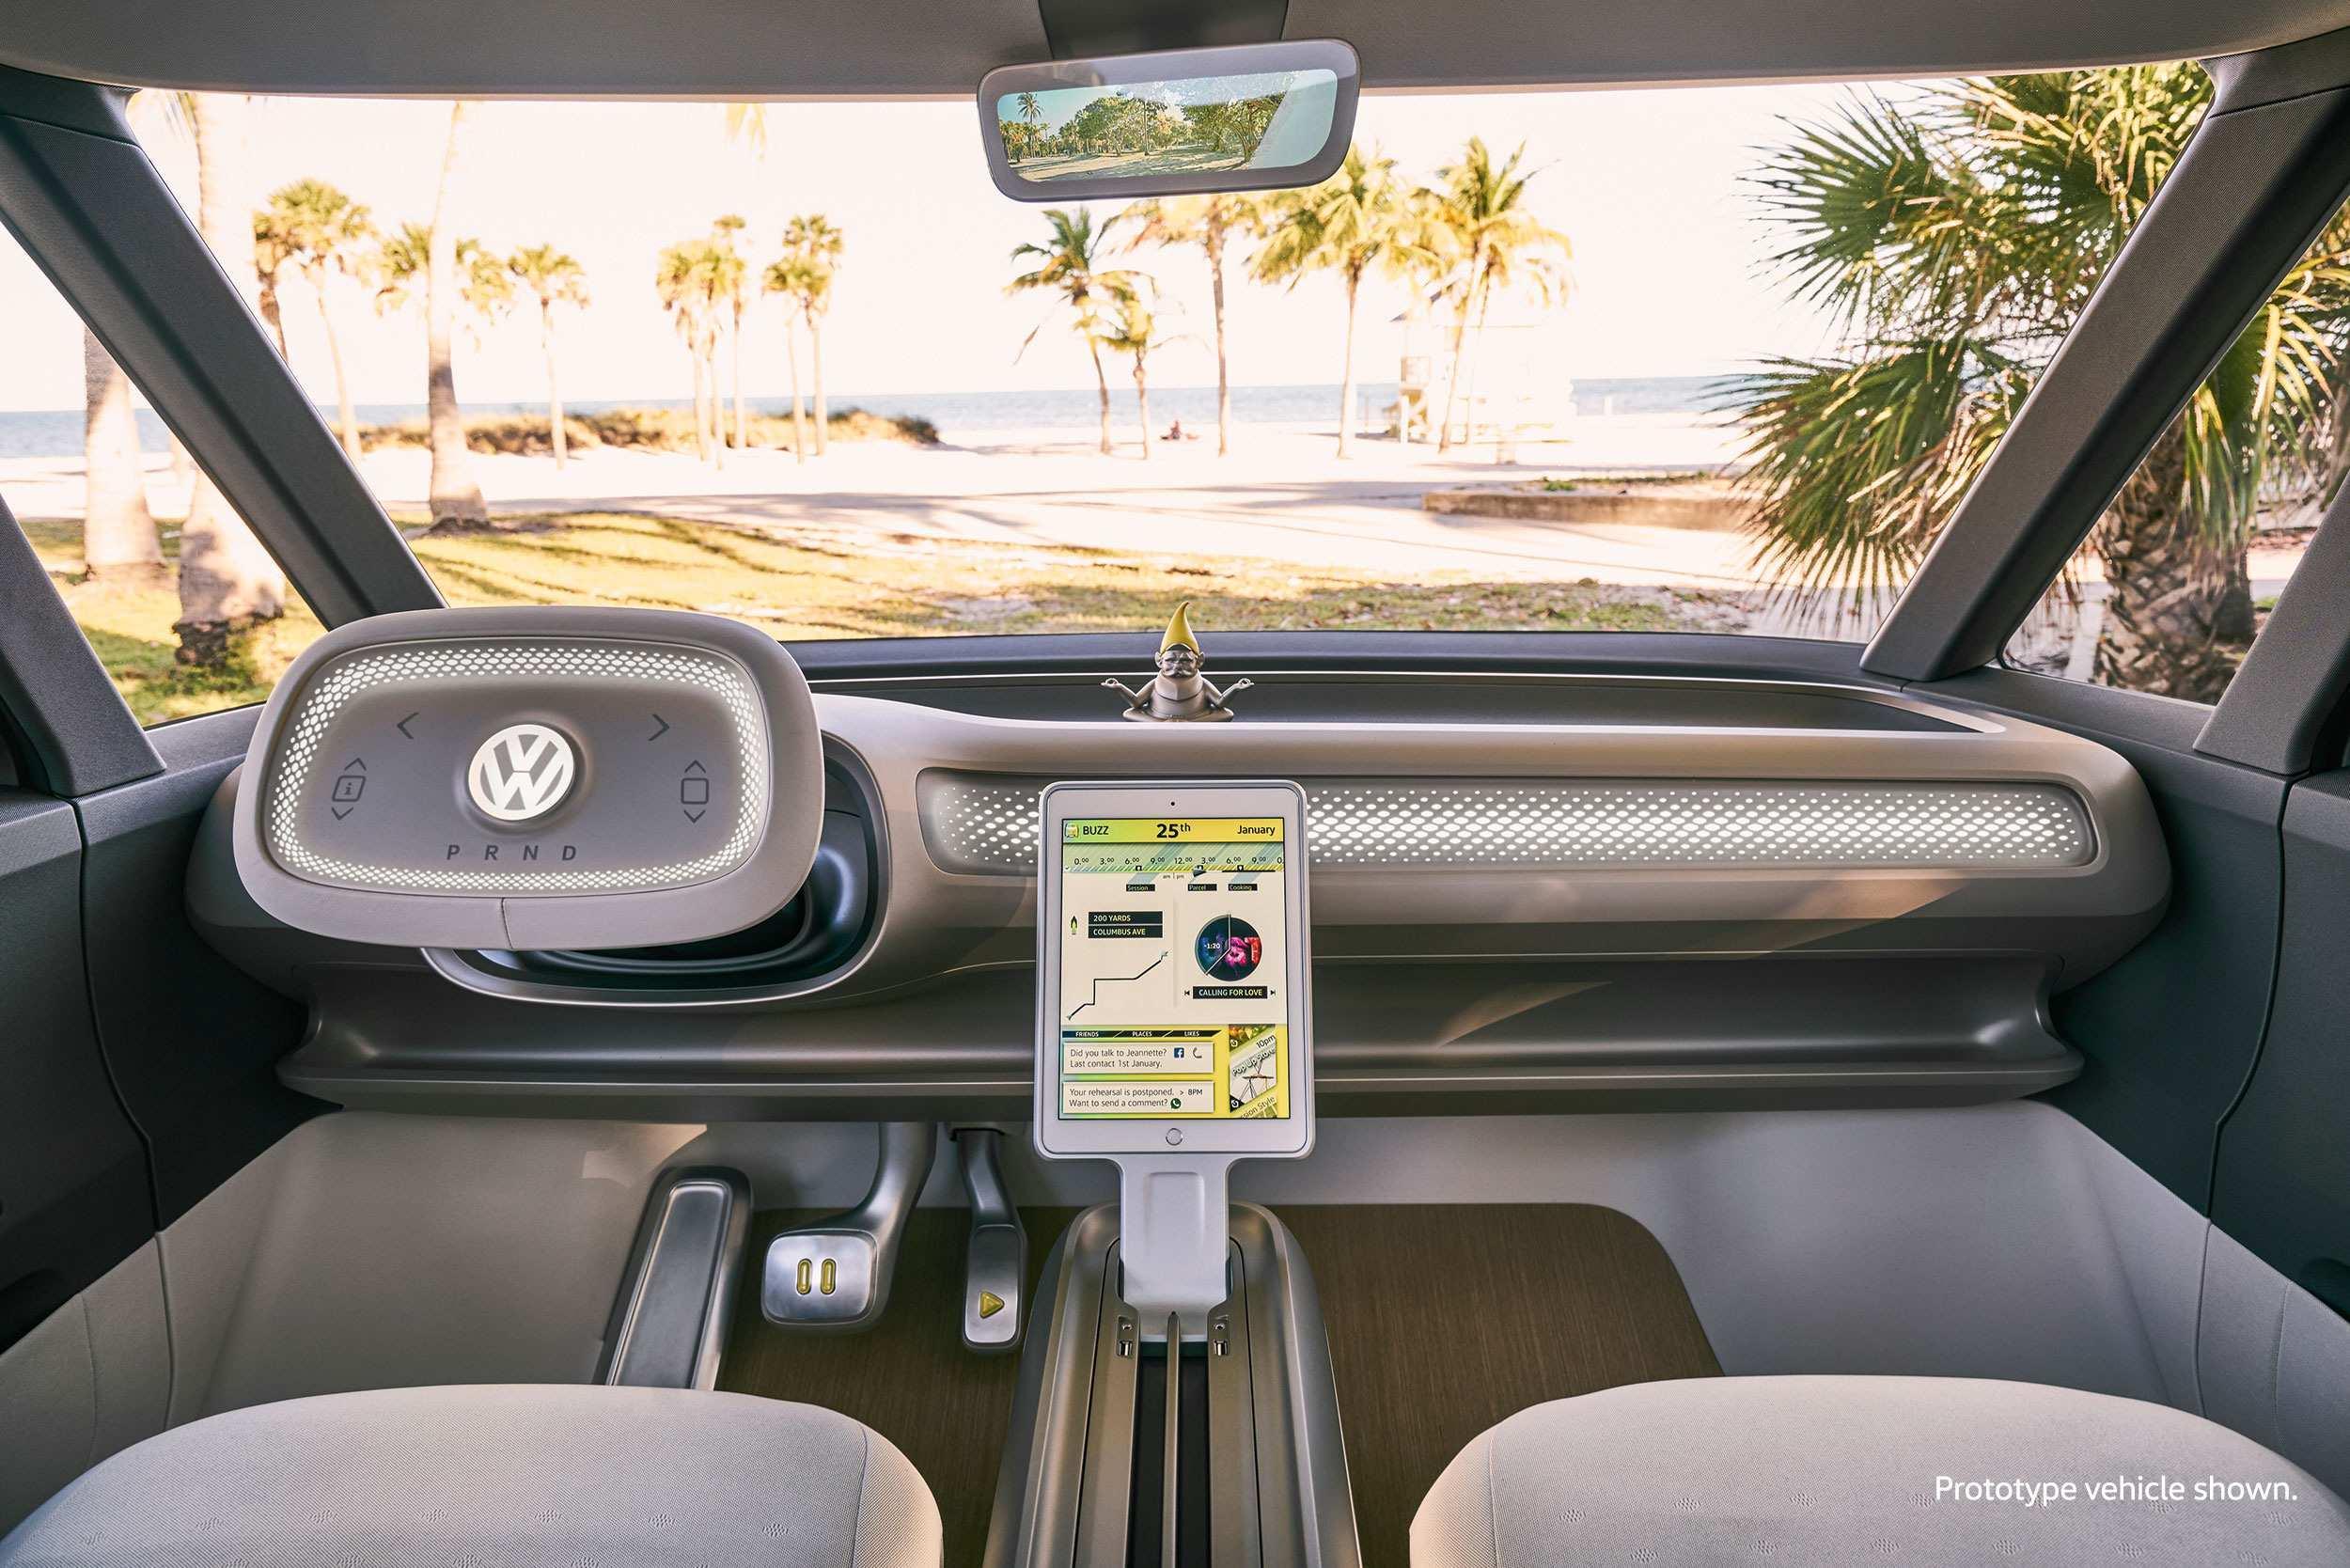 16 The Volkswagen Vanagon 2020 Exterior and Interior with Volkswagen Vanagon 2020